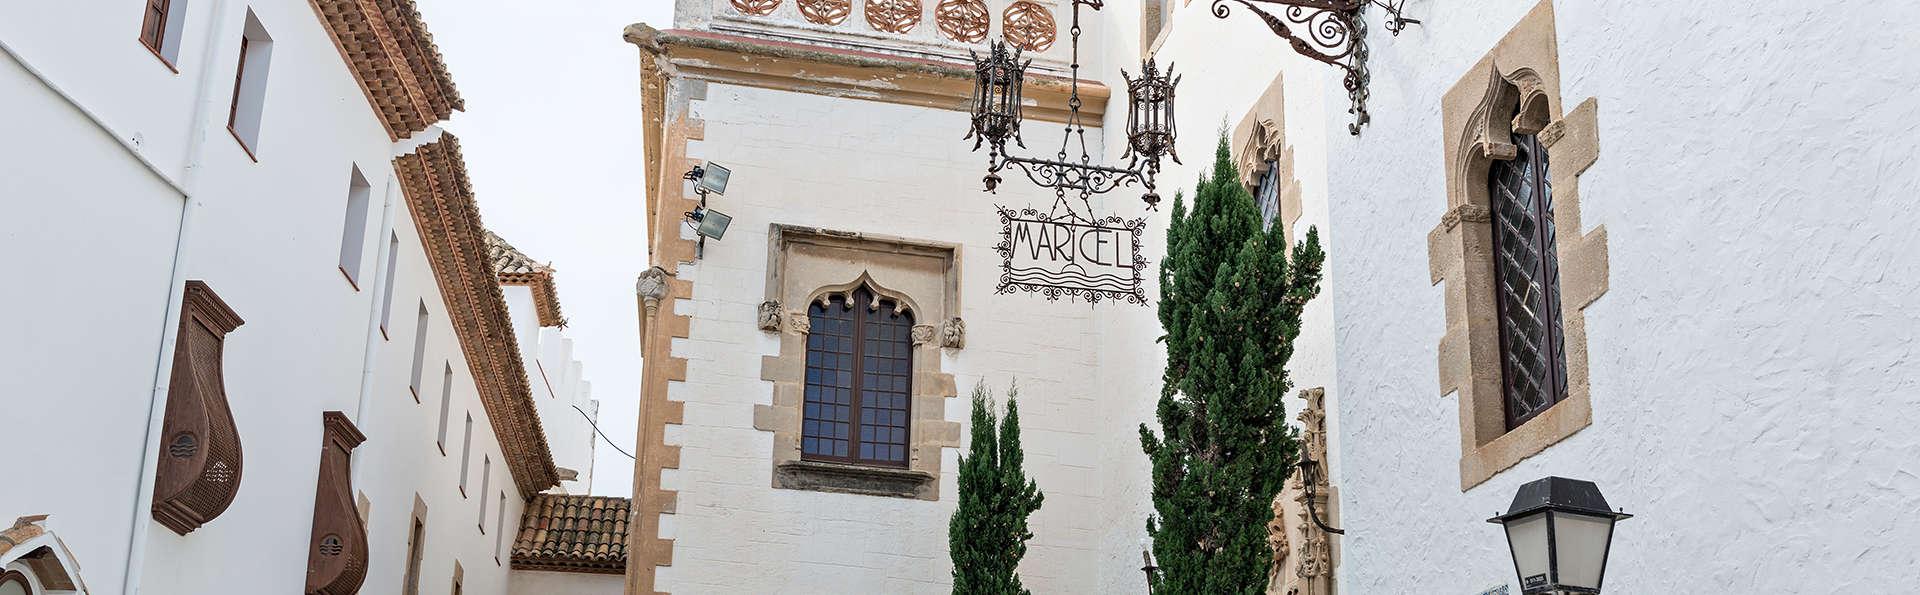 La Santa María - EDIT_Sitges-7.jpg